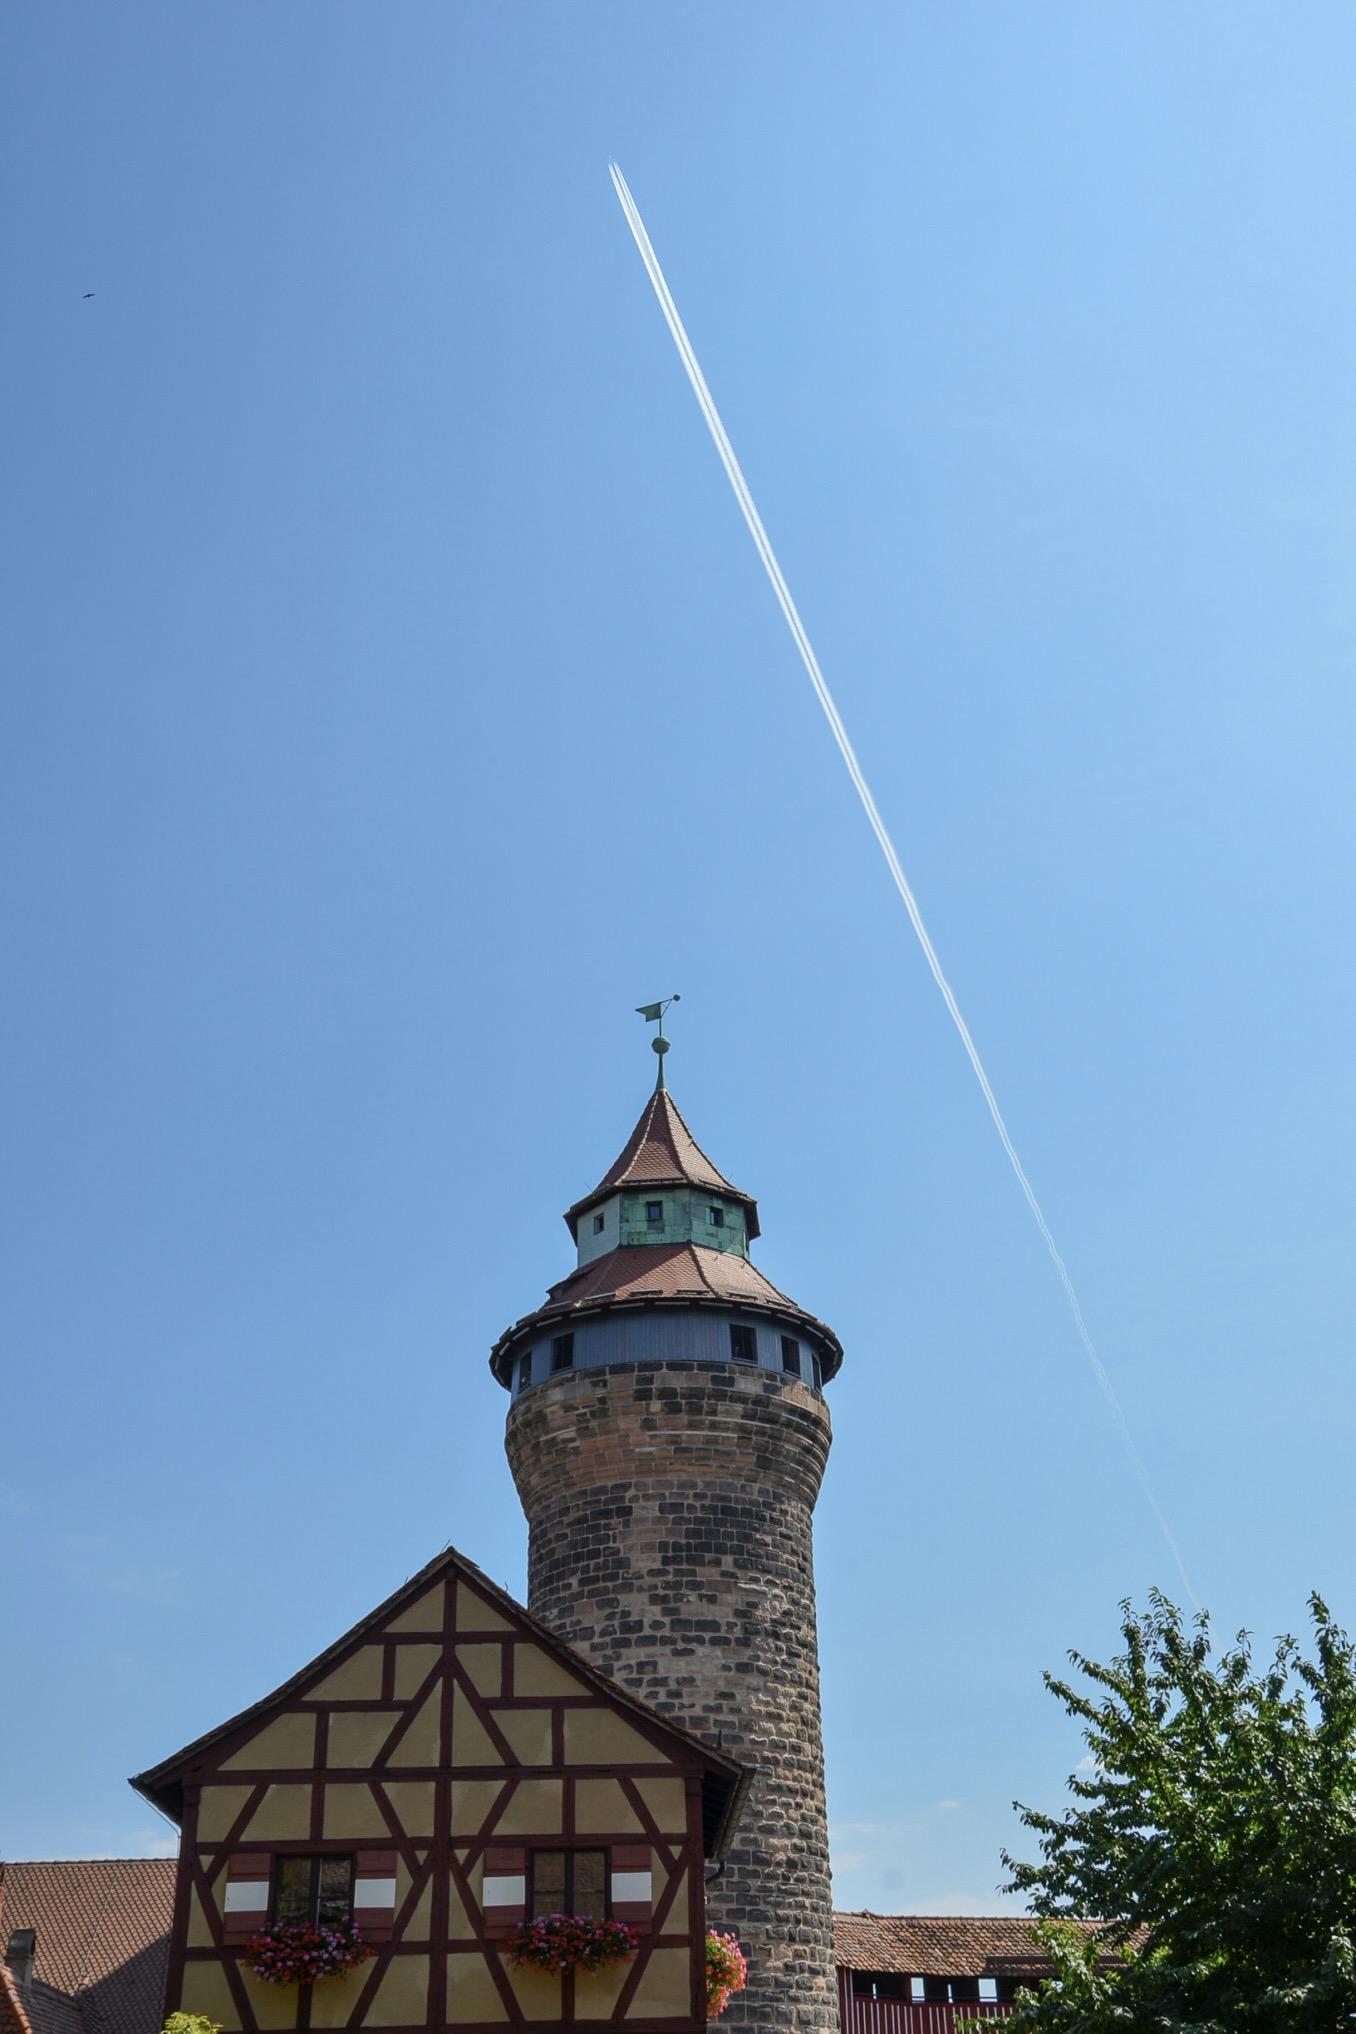 Ausflugsziele Bayern: Die Kaiserburg in Nürnberg ist ein beliebtes Reiseziel am Wochenende